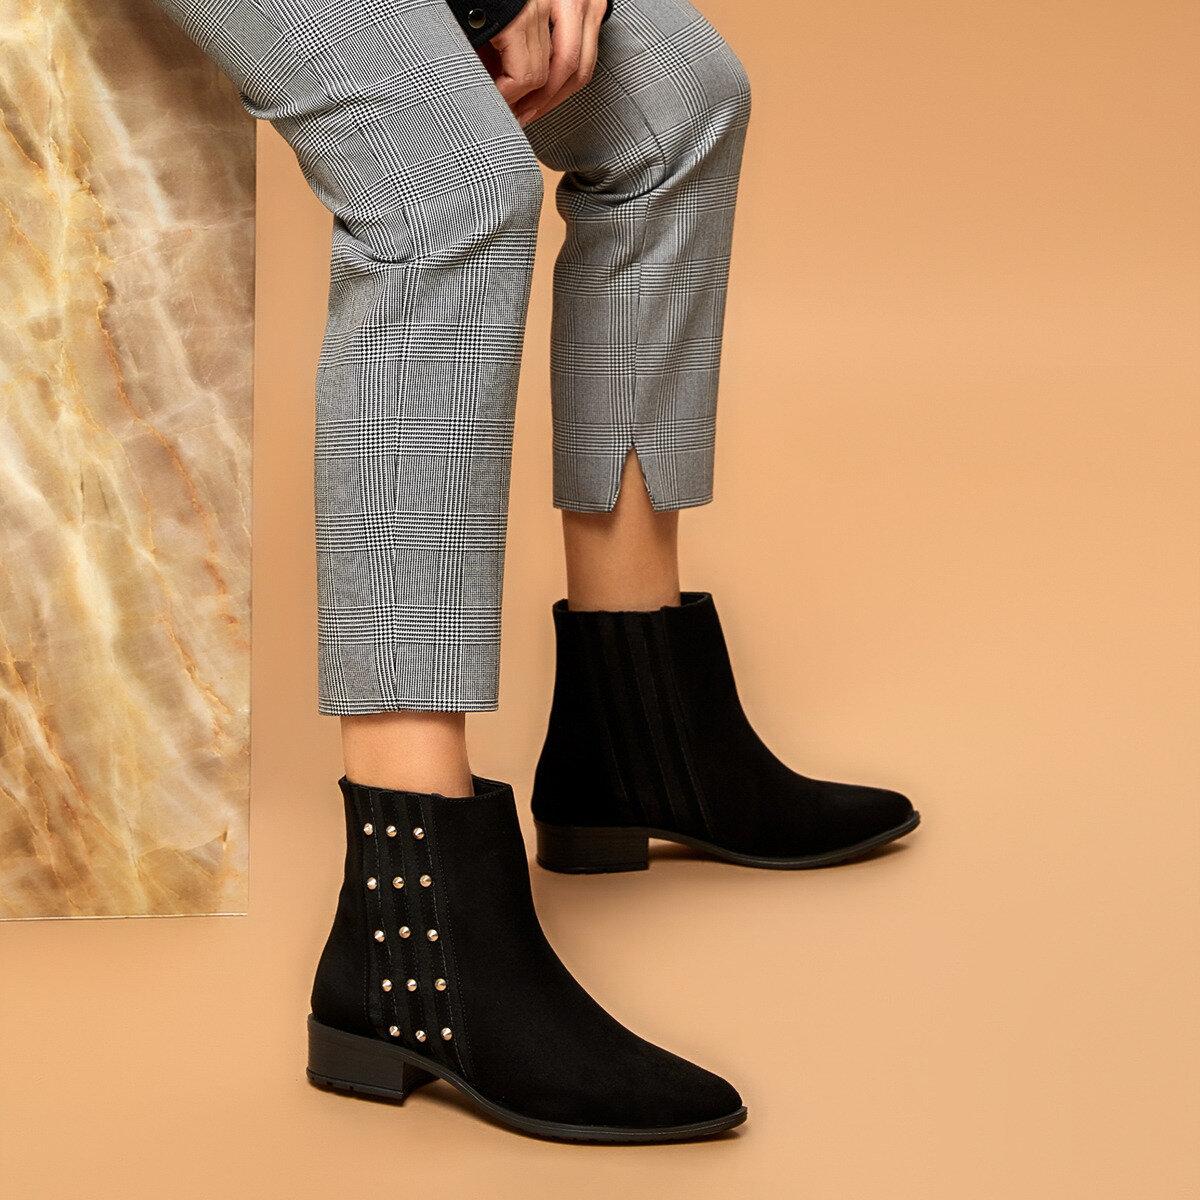 FLO VİGO Black Women Boots BUTIGO